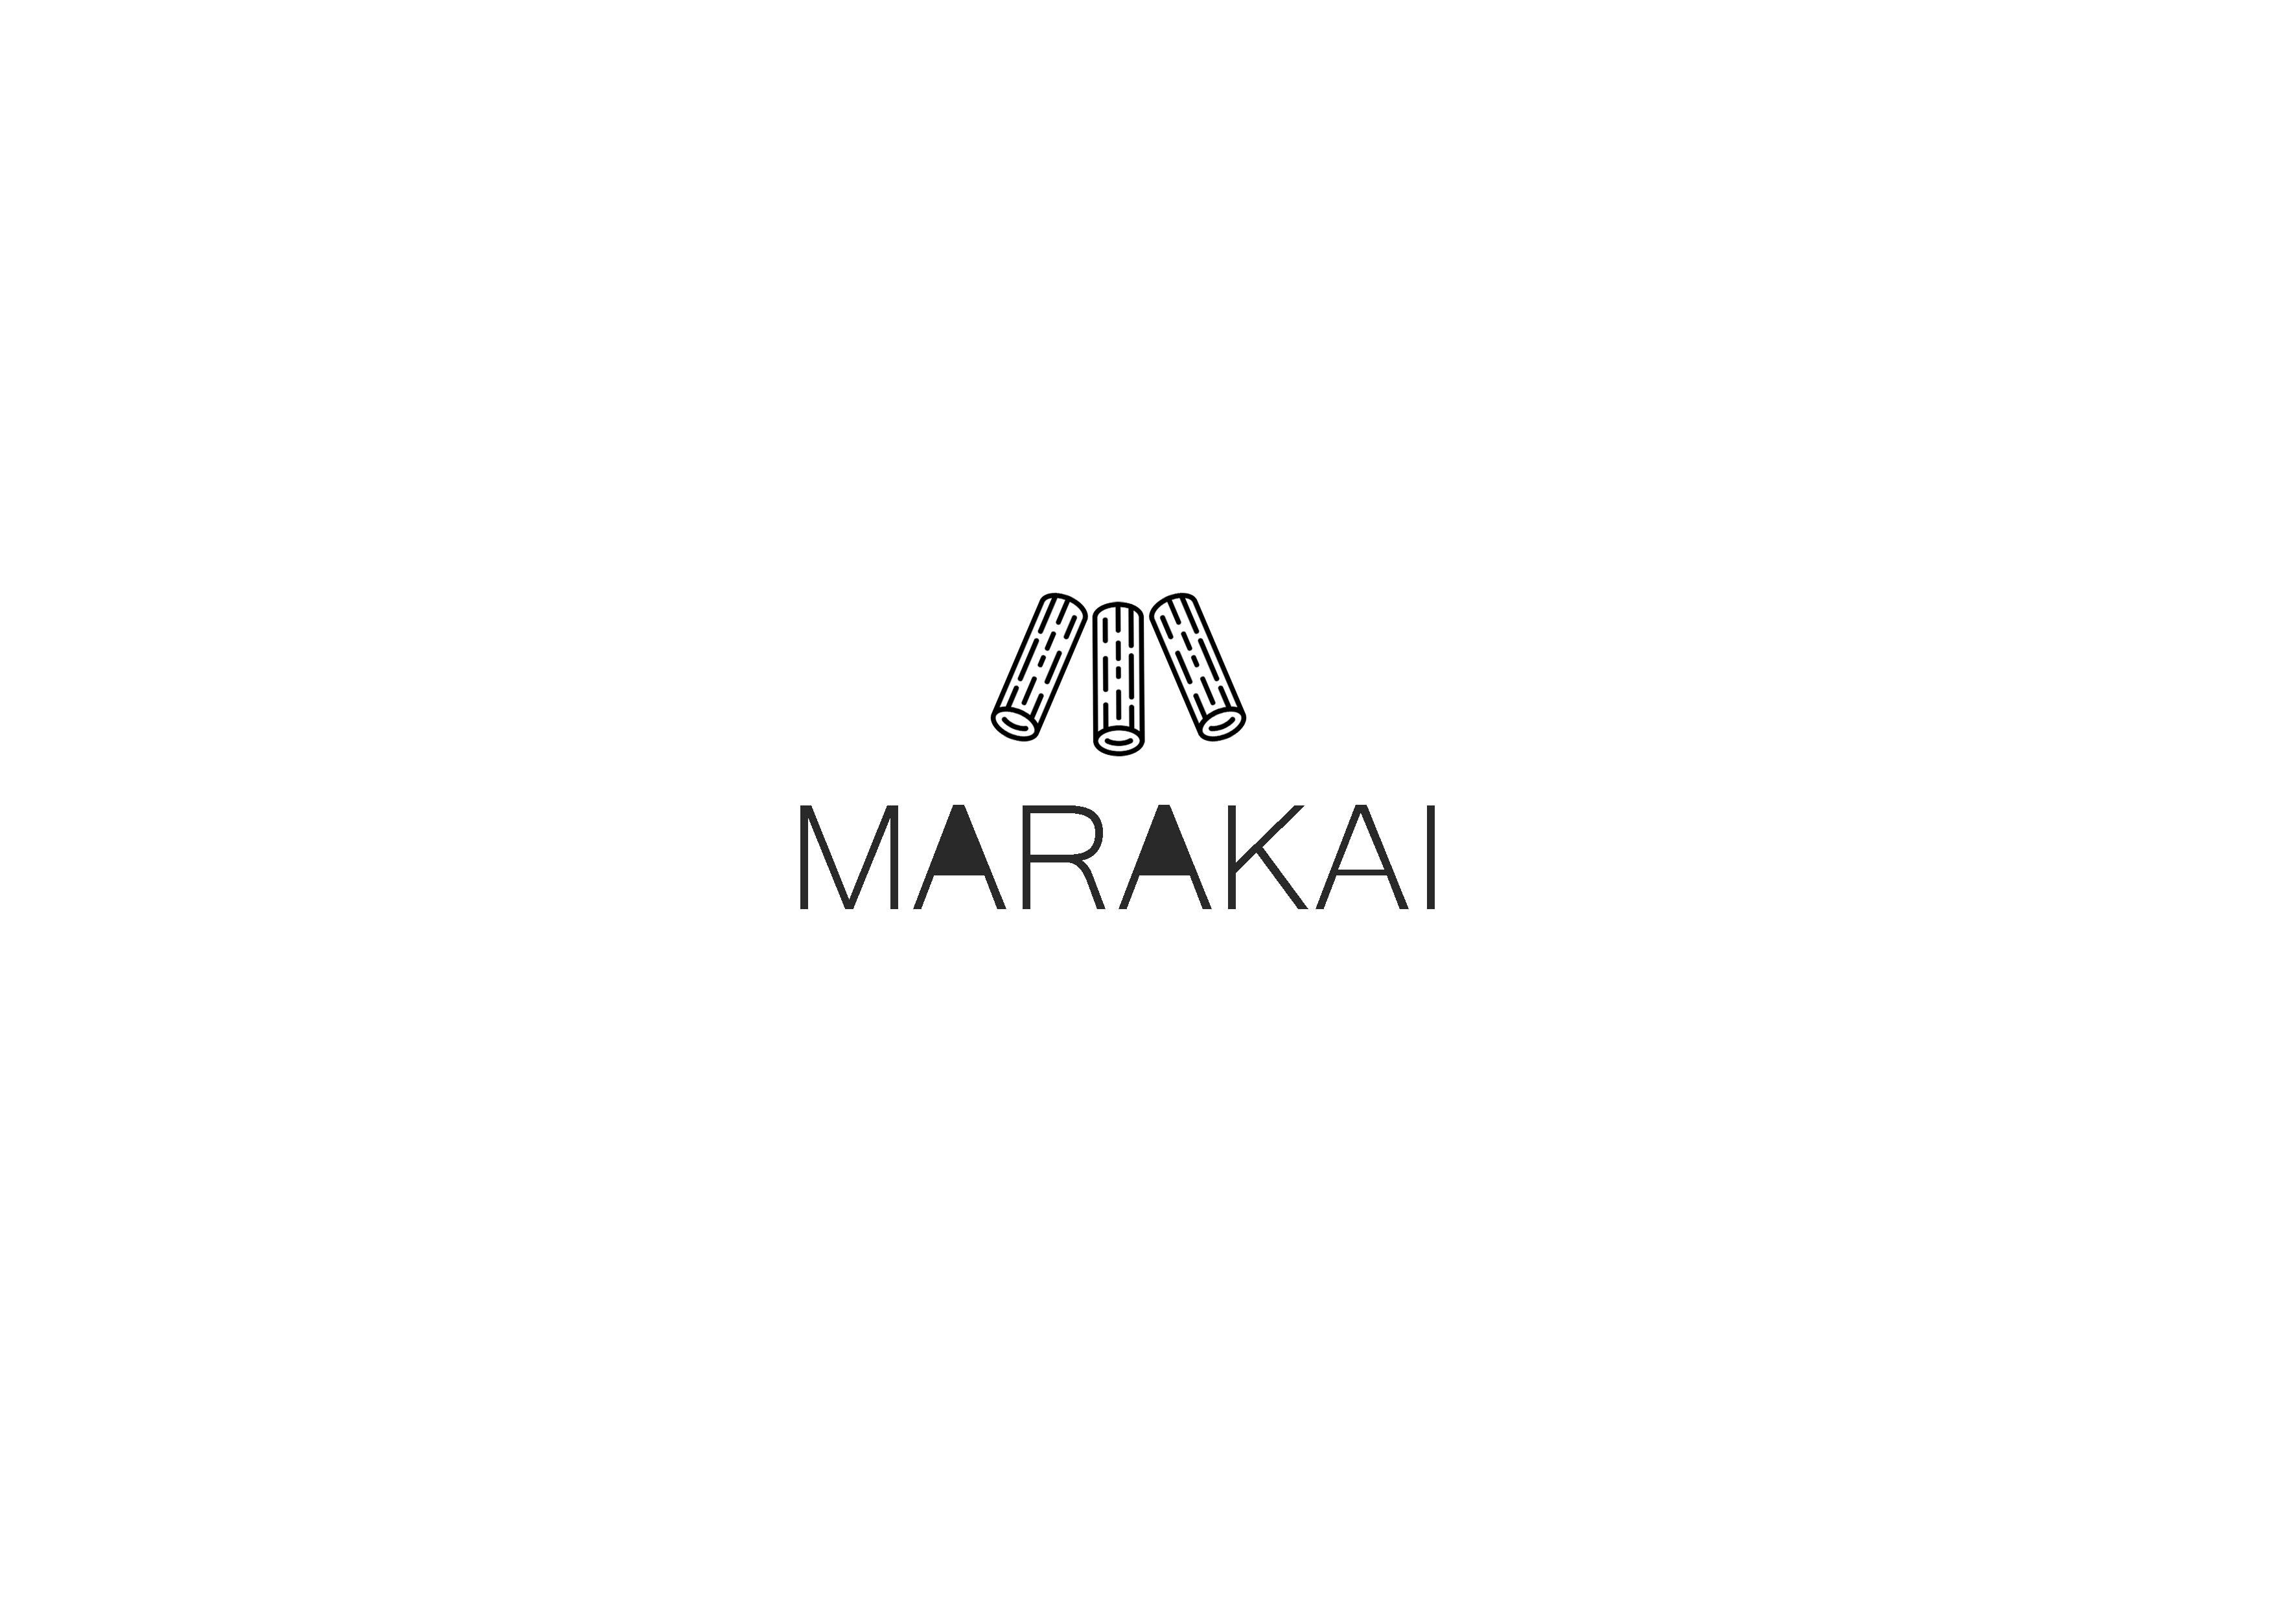 Marakai Design